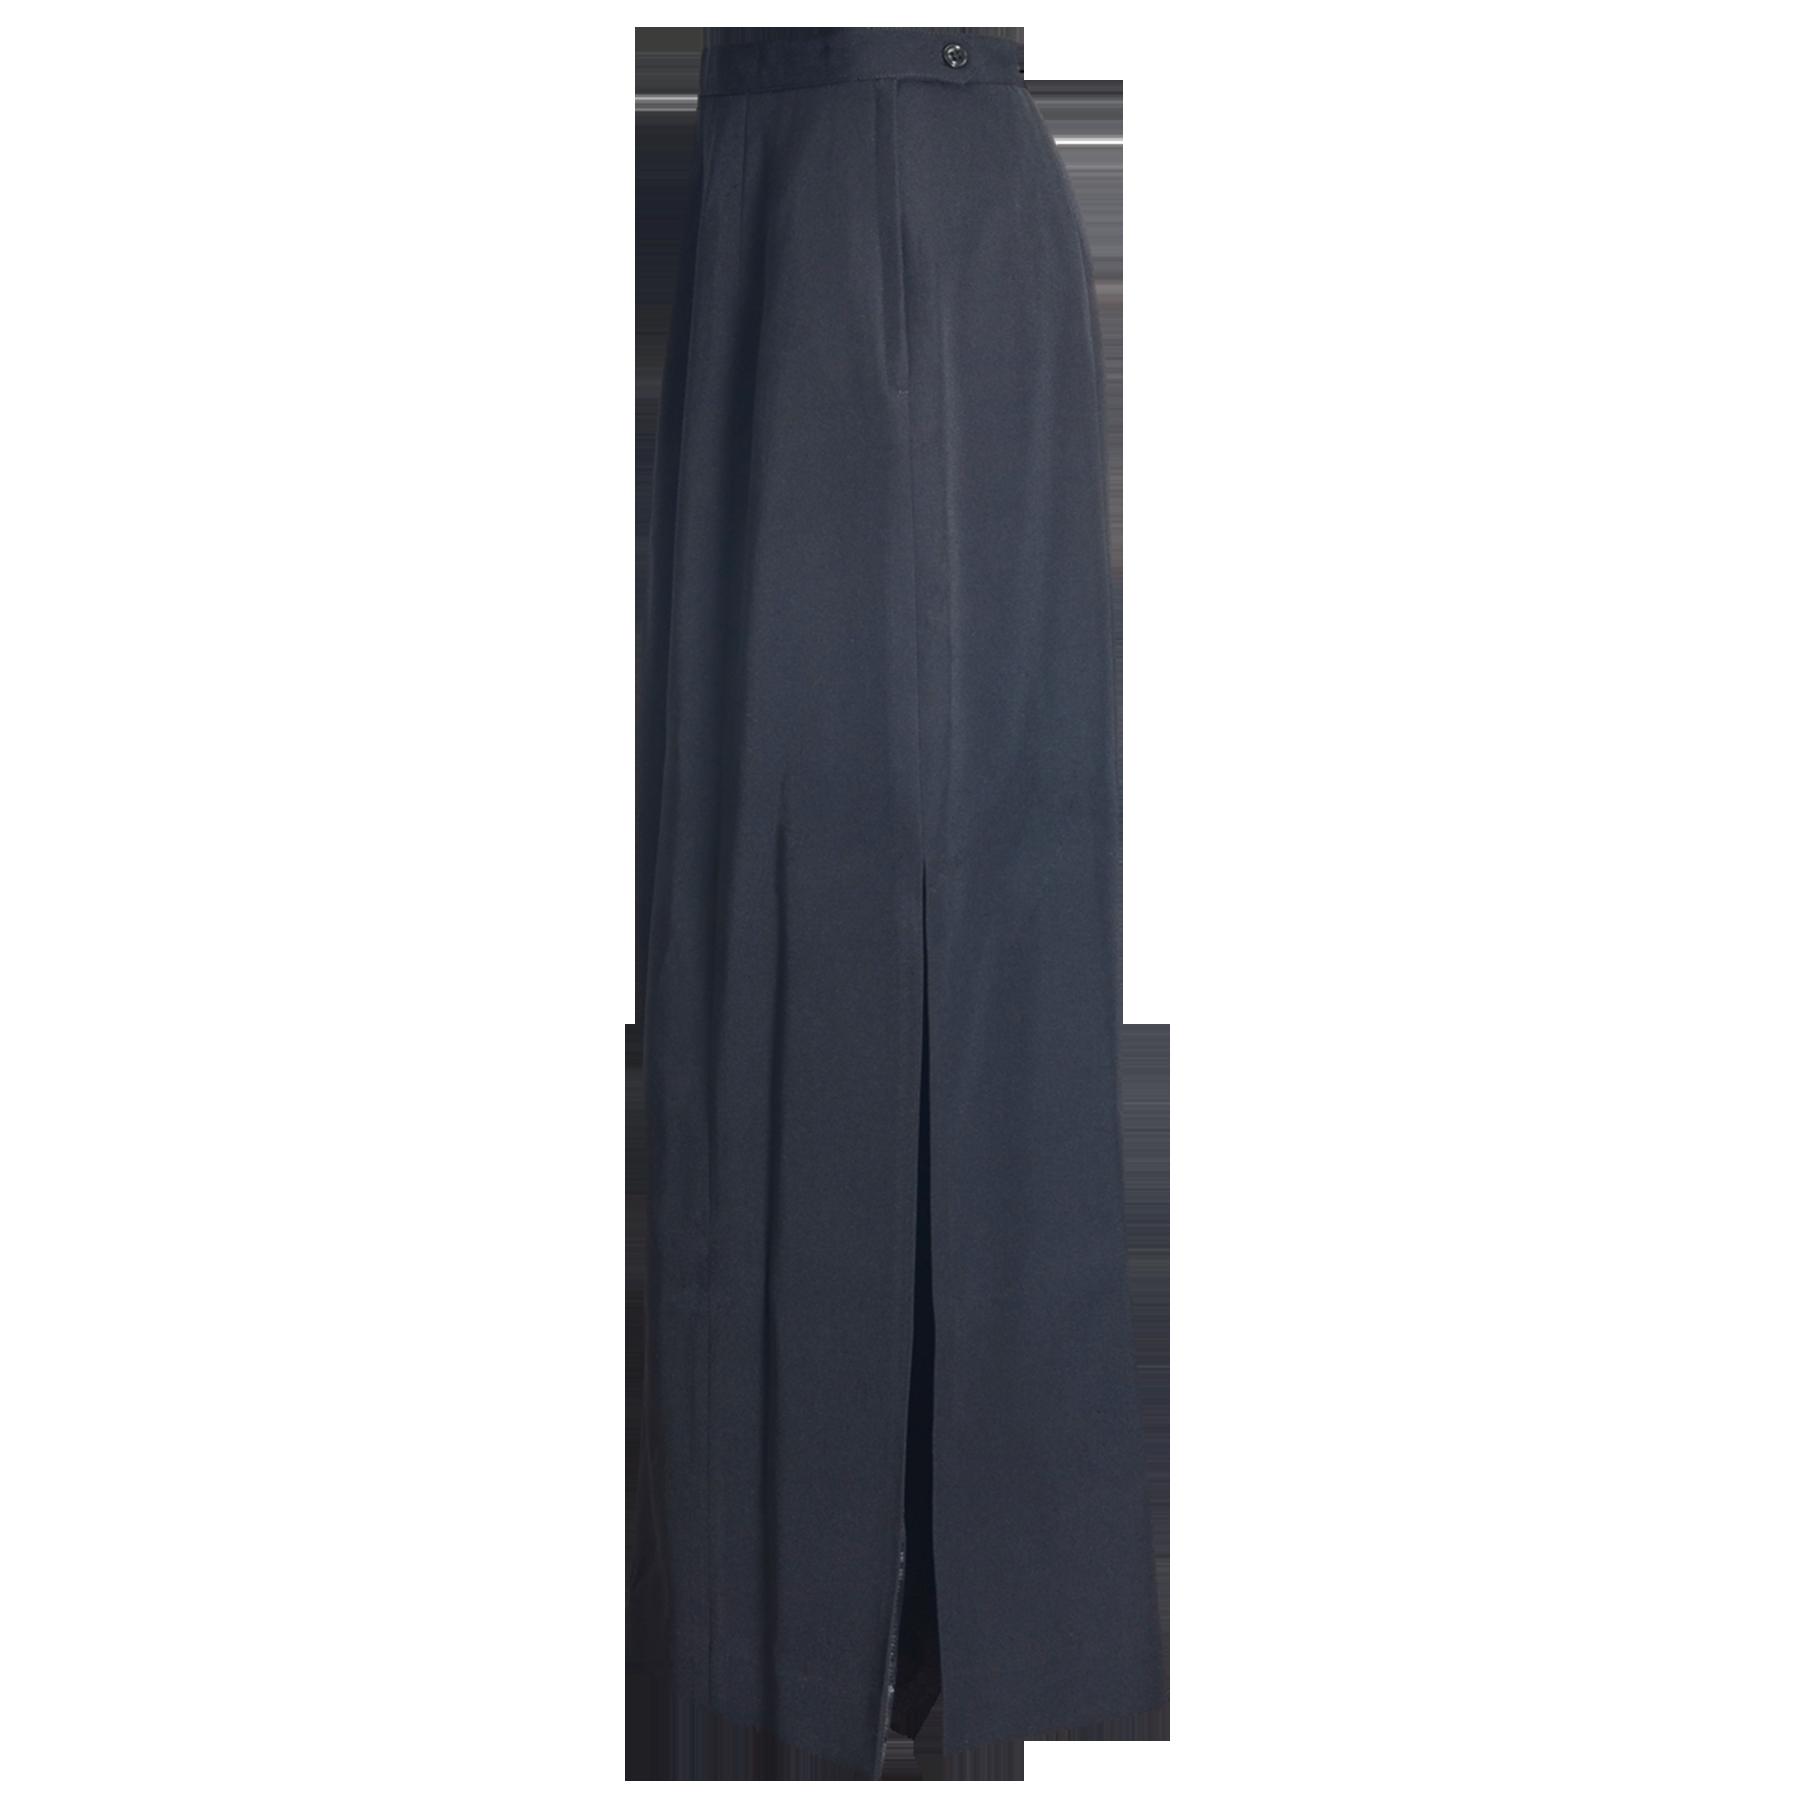 Dress Dinner Blue Long Skirt